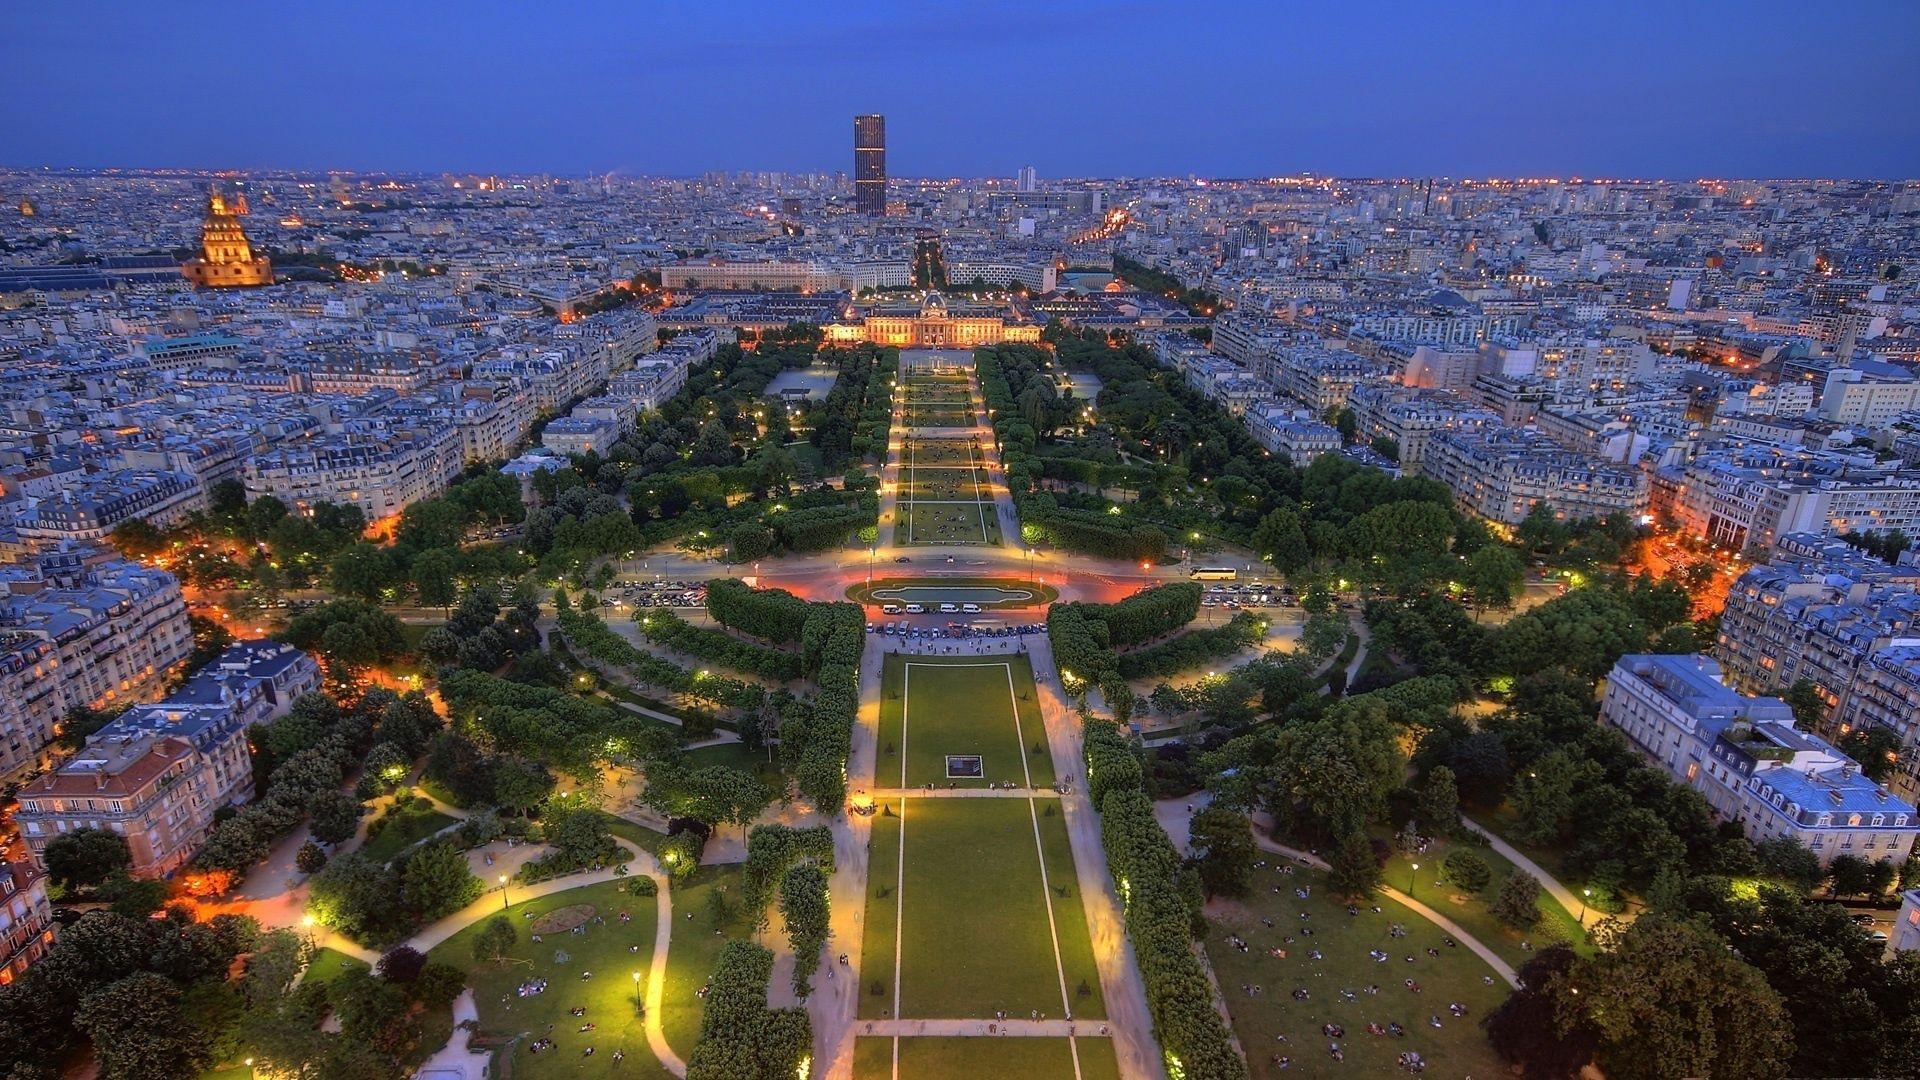 89936壁紙のダウンロードフランス, パリ, 建物, スタジアム, 公園, Hdr, 都市-スクリーンセーバーと写真を無料で